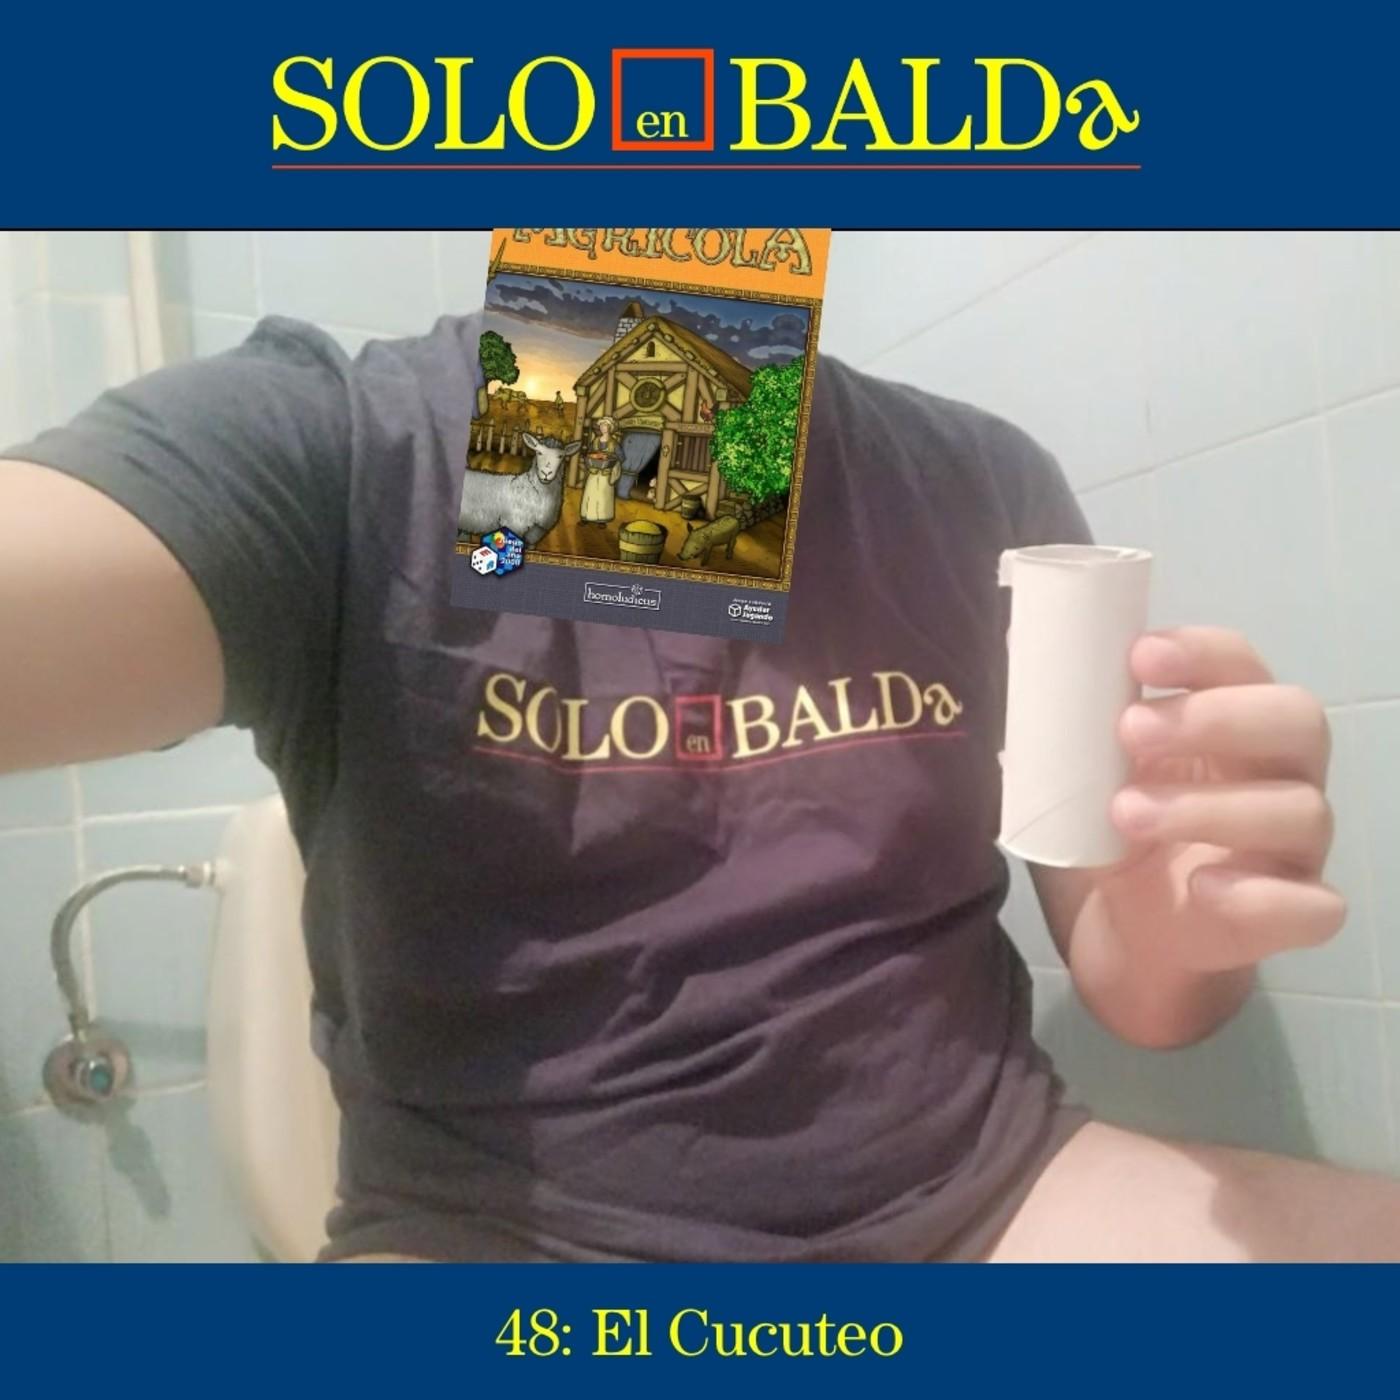 48: El Cucuteo